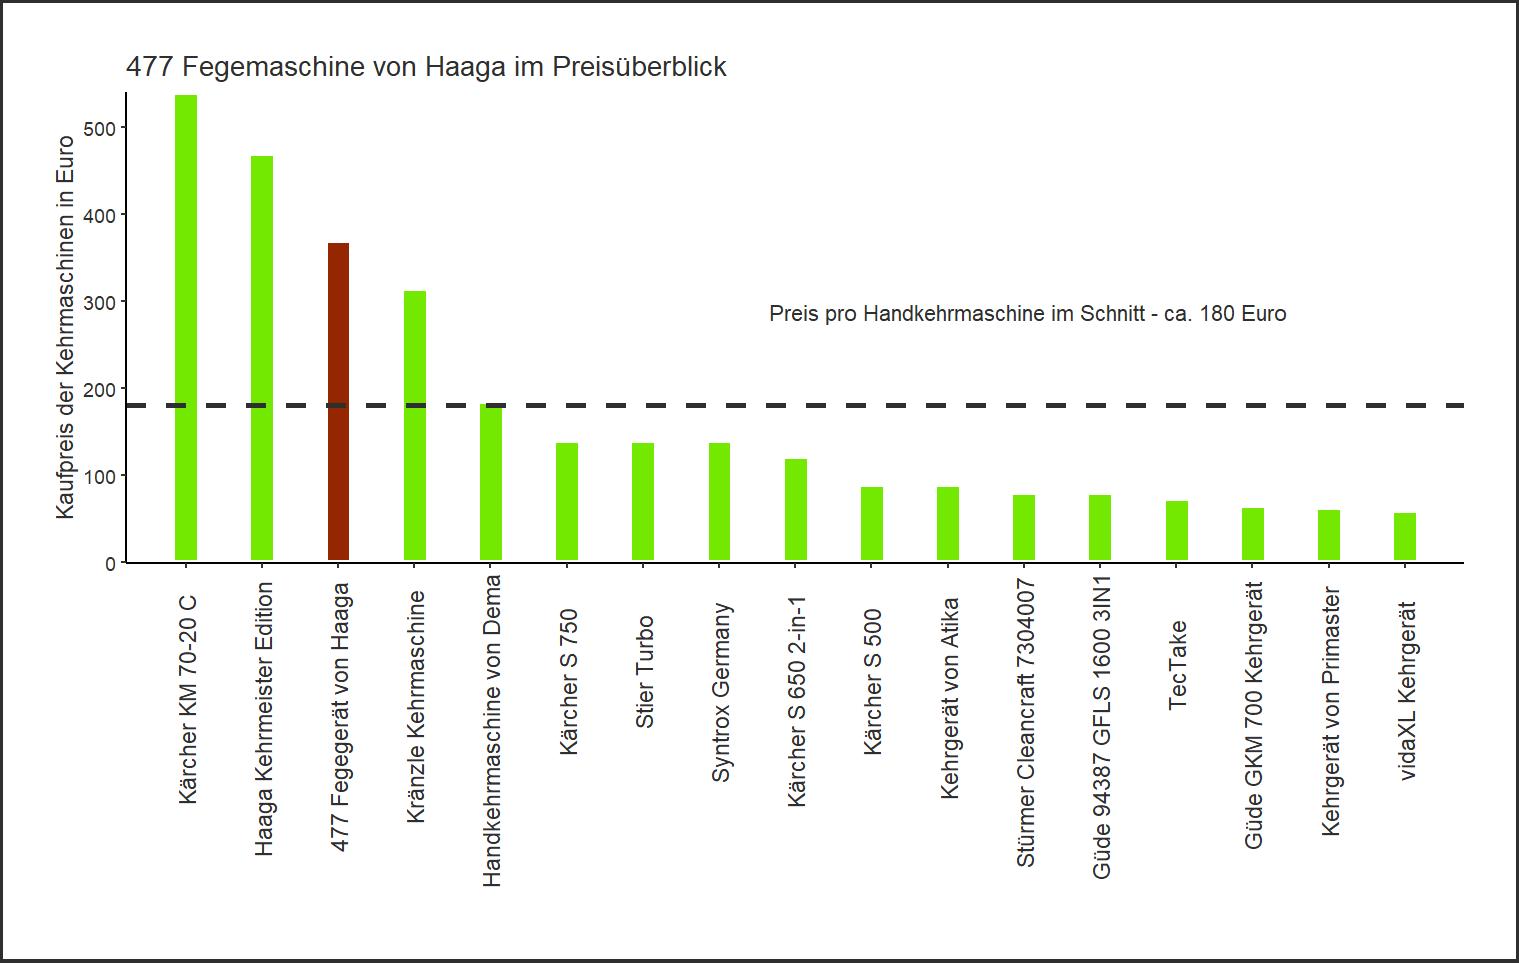 Preisüberblick von der Haaga Kehrmaschine 477